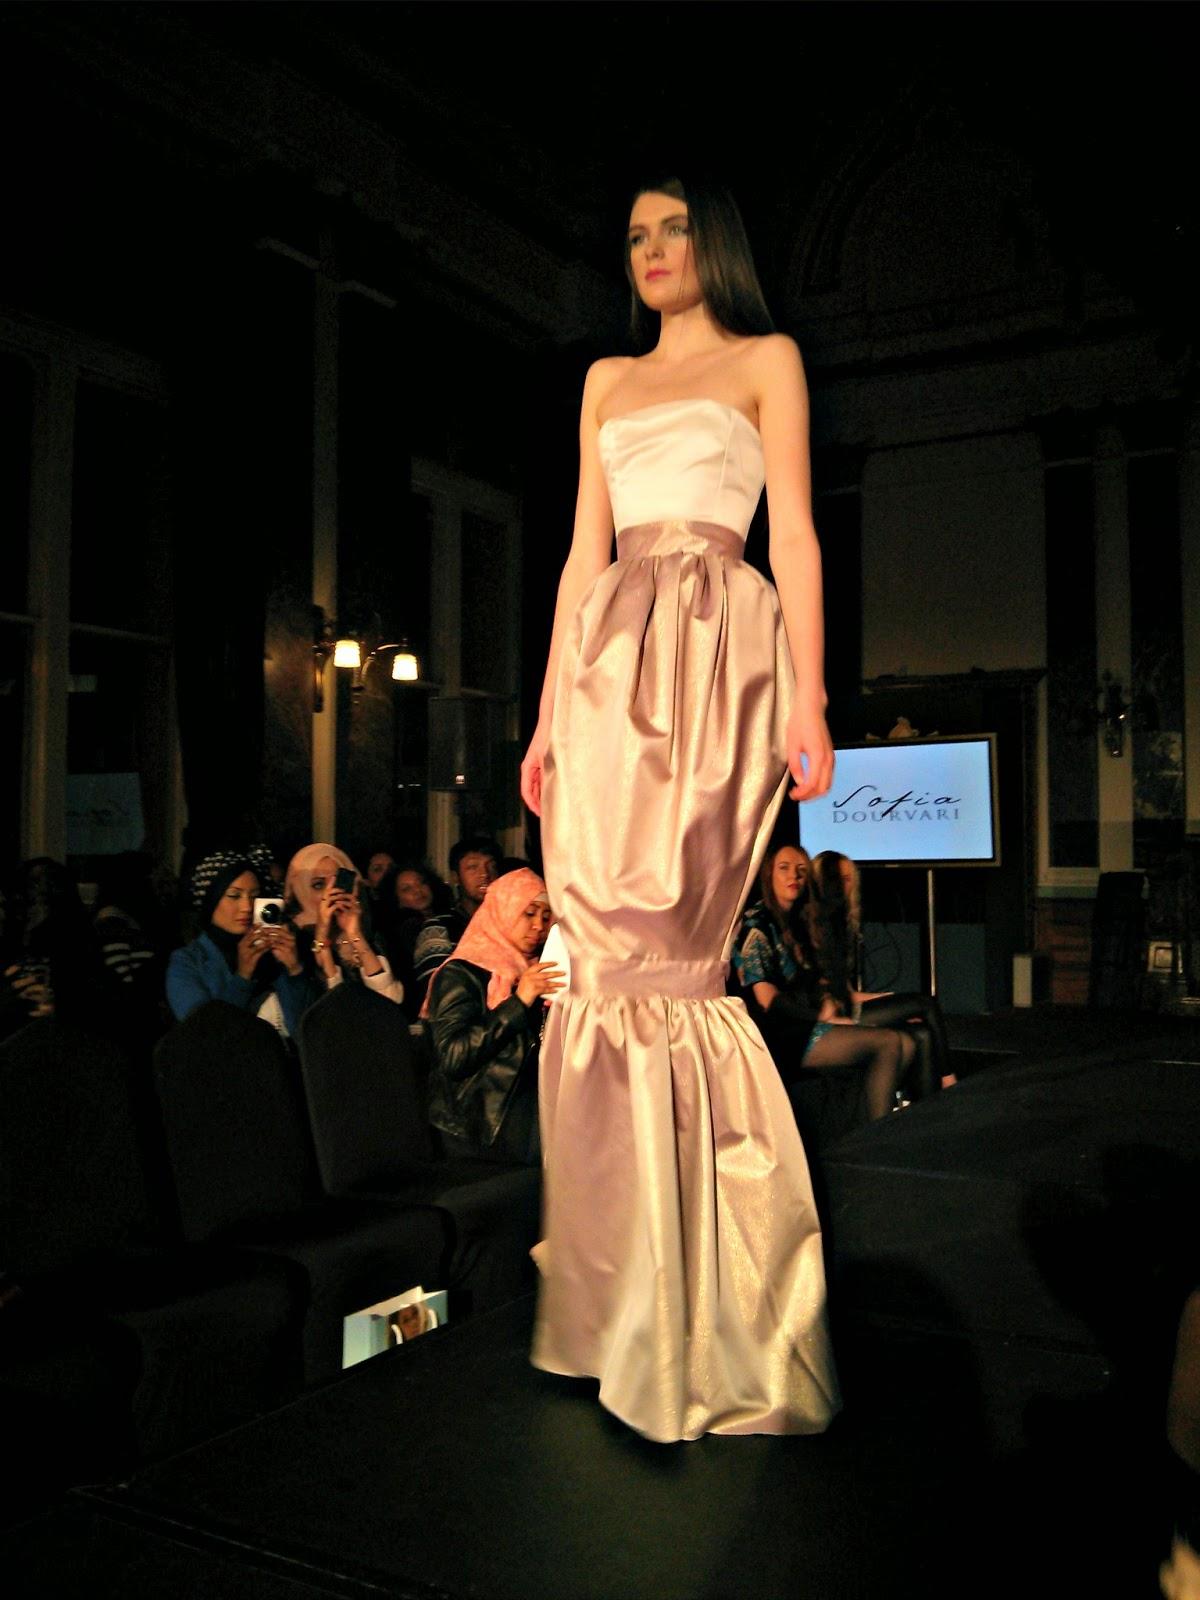 Sofia Dourvari fashion show